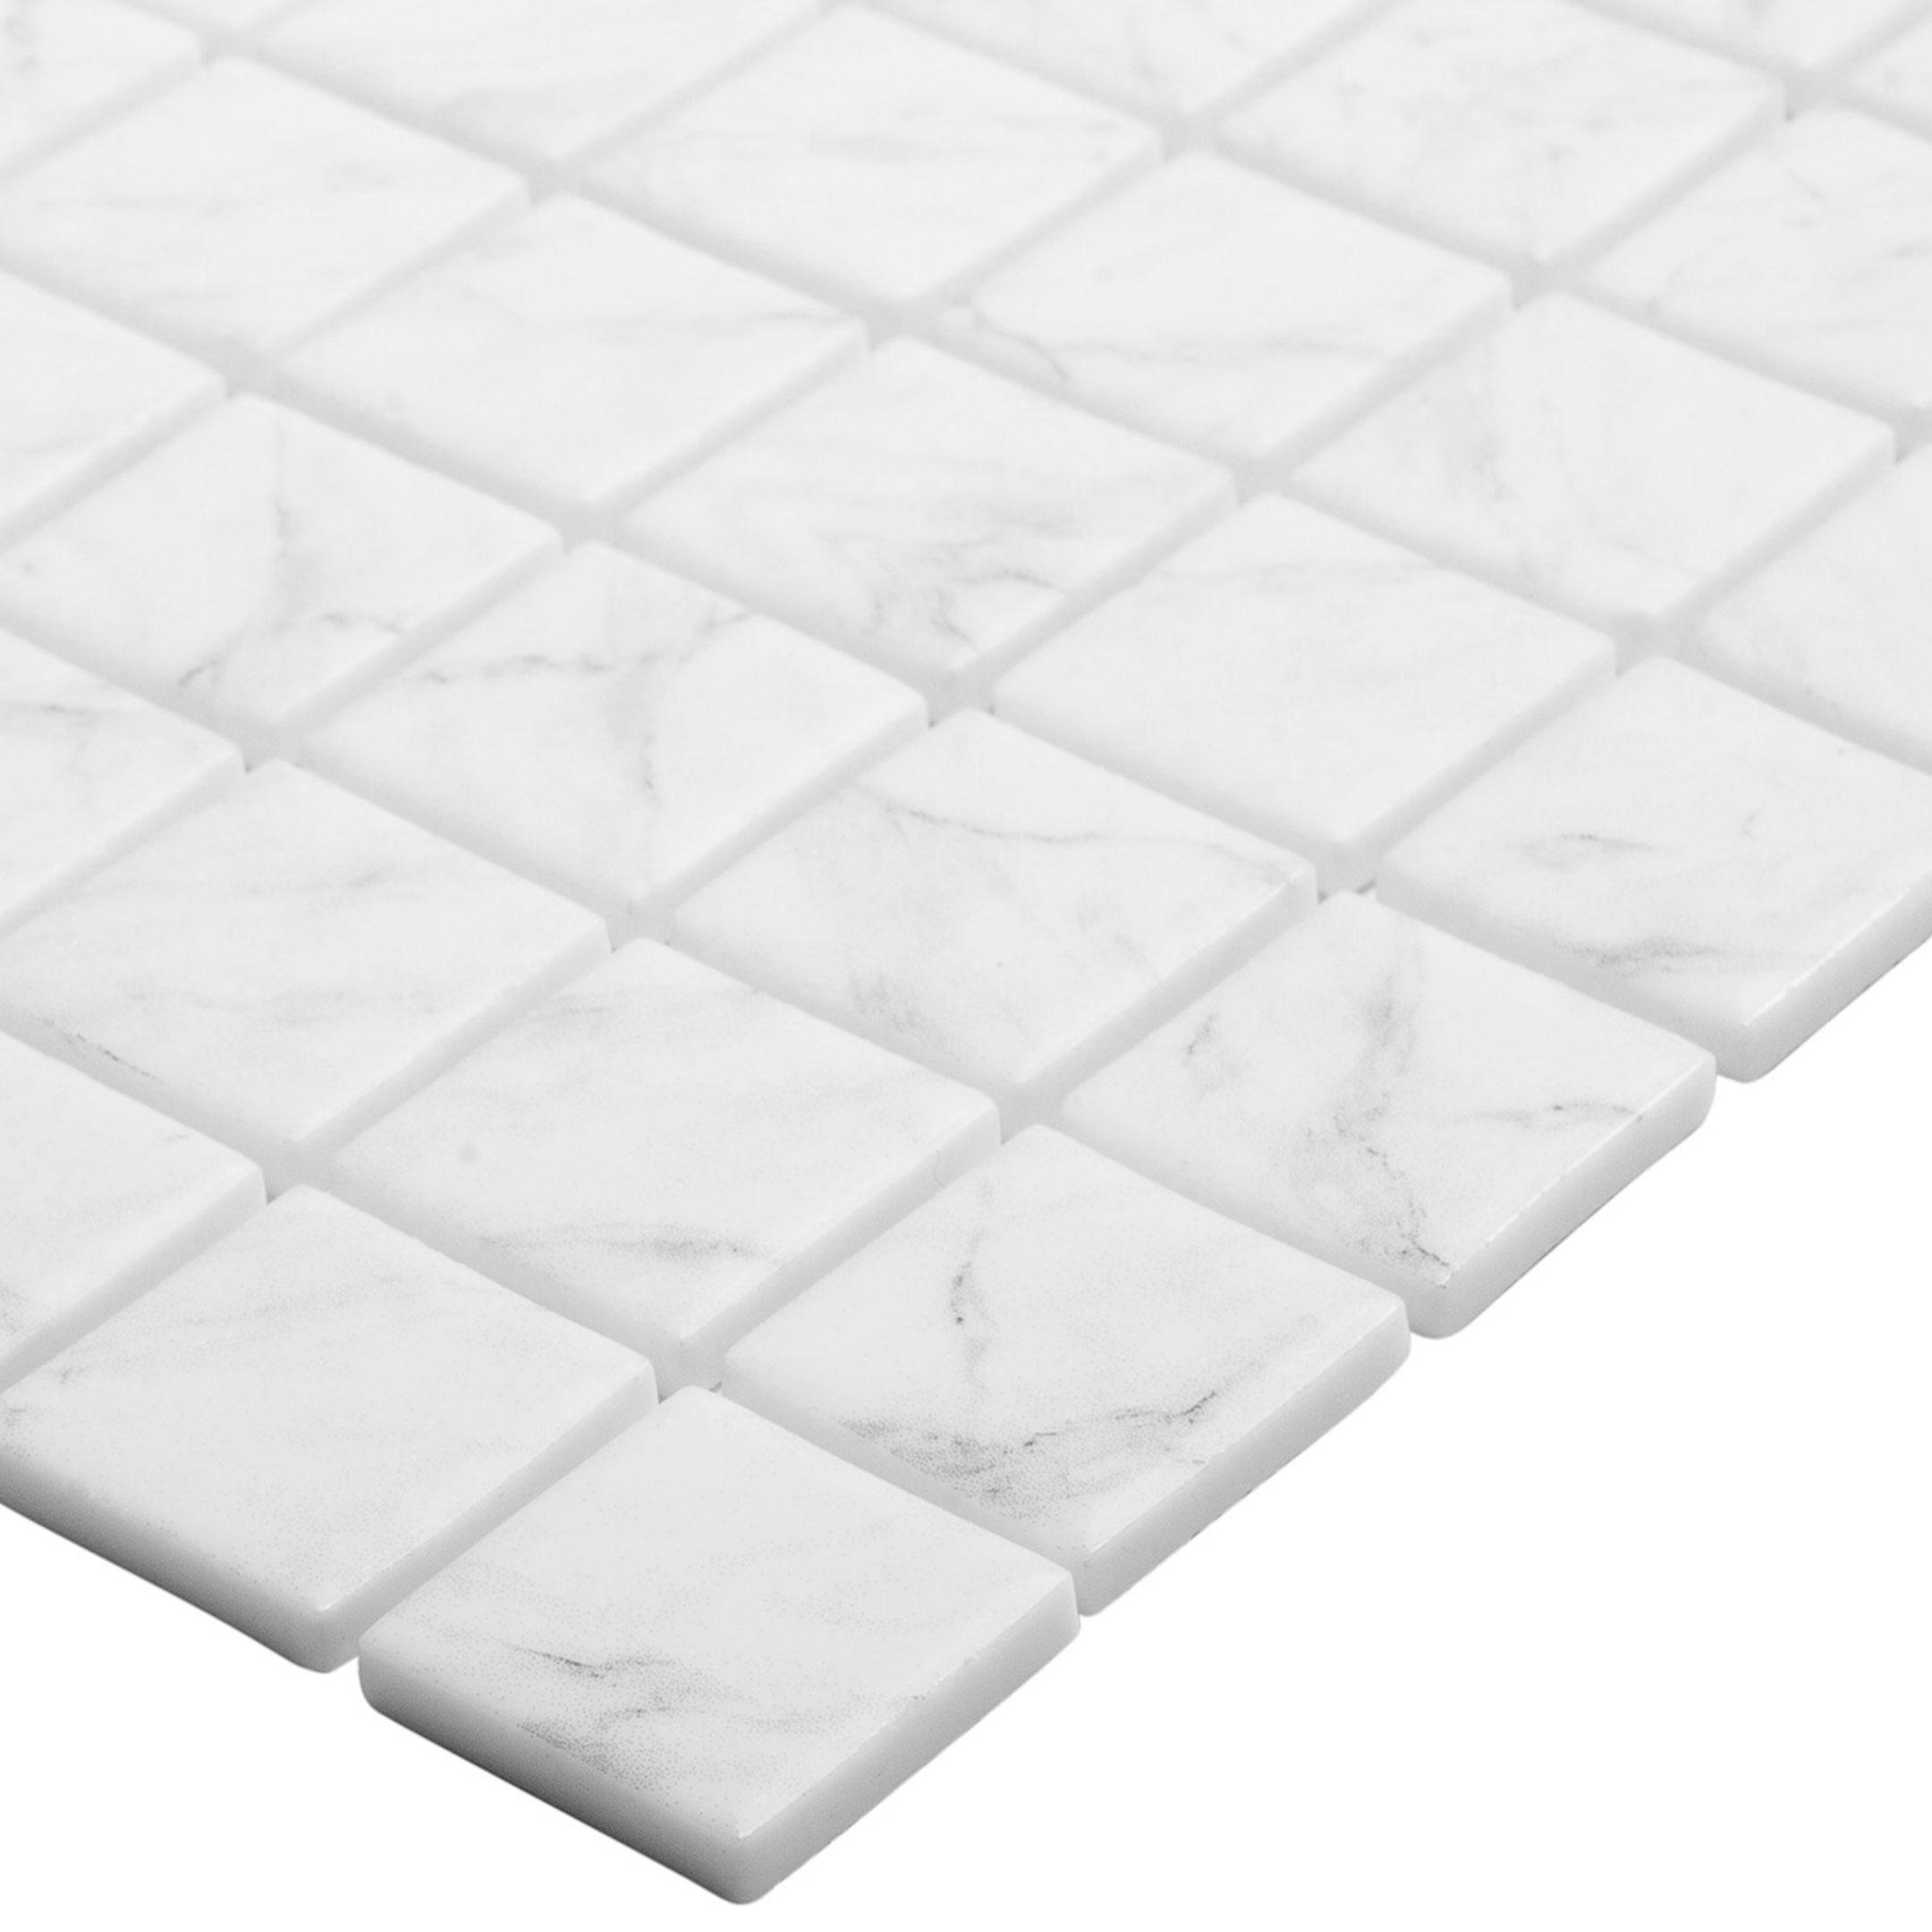 Мозаика Vidrepur Marble № 4300 белая под мрамор стеклянная 317х317х4 мм